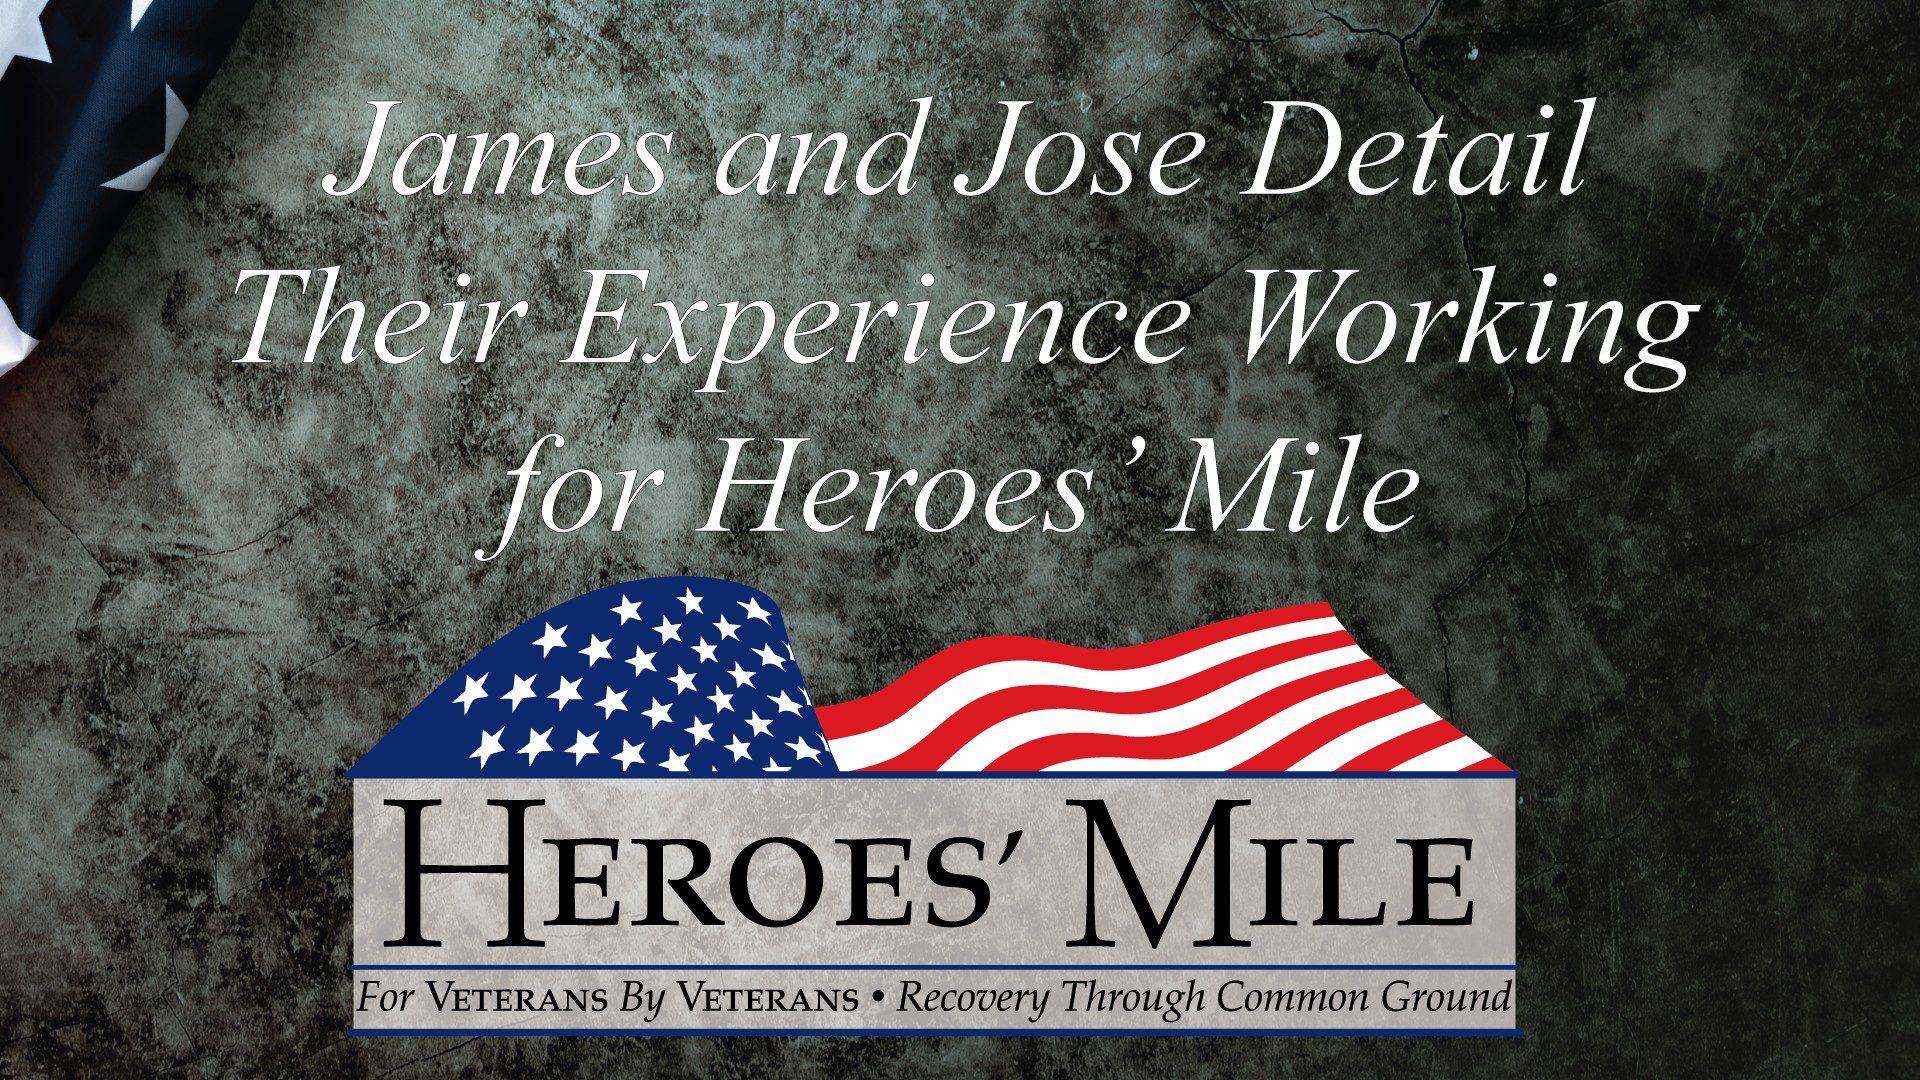 Heroes Mile James & Jose